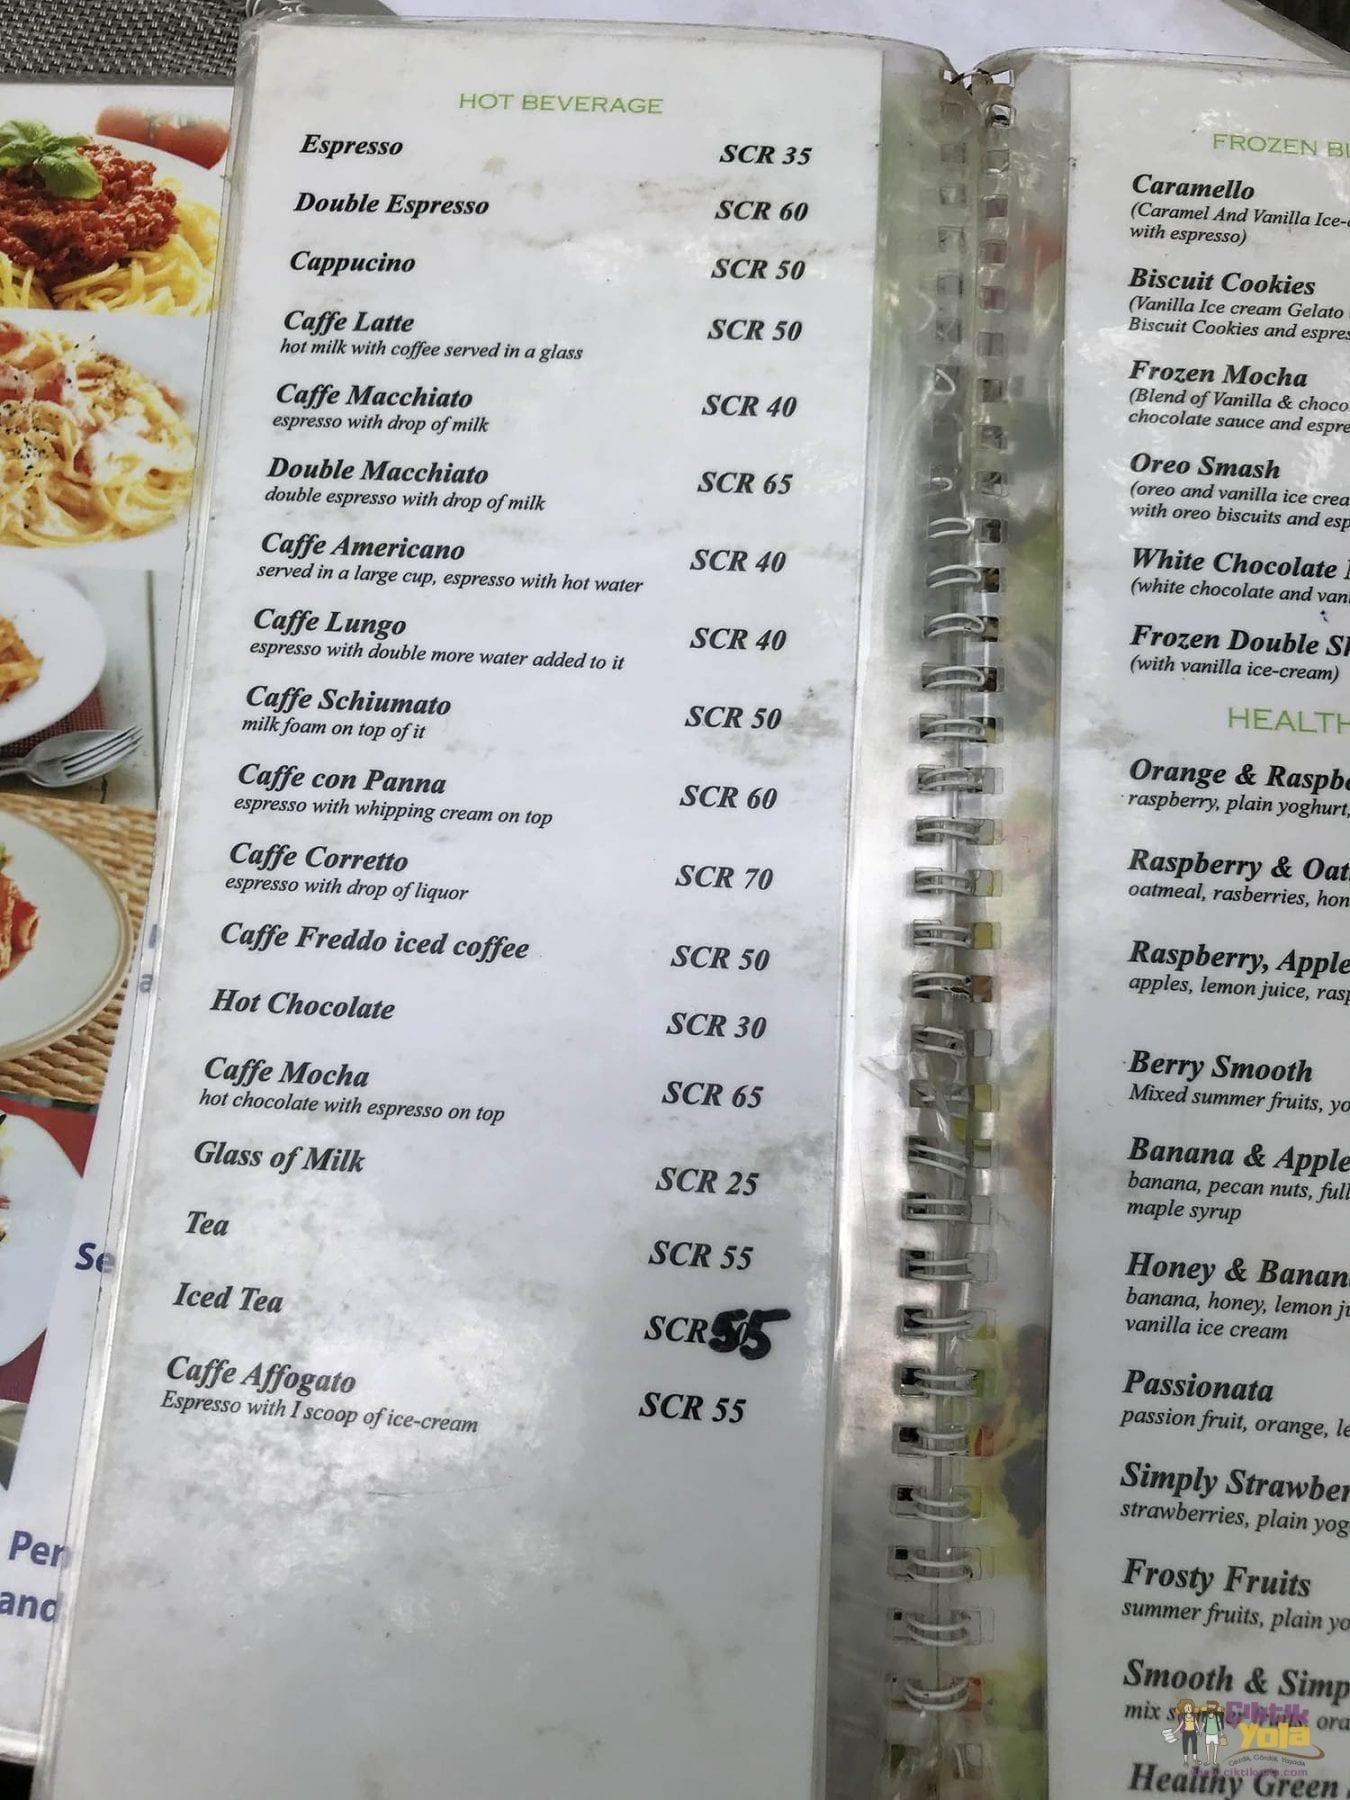 Mahe Yemek Fiyatları - La Dolce Vita